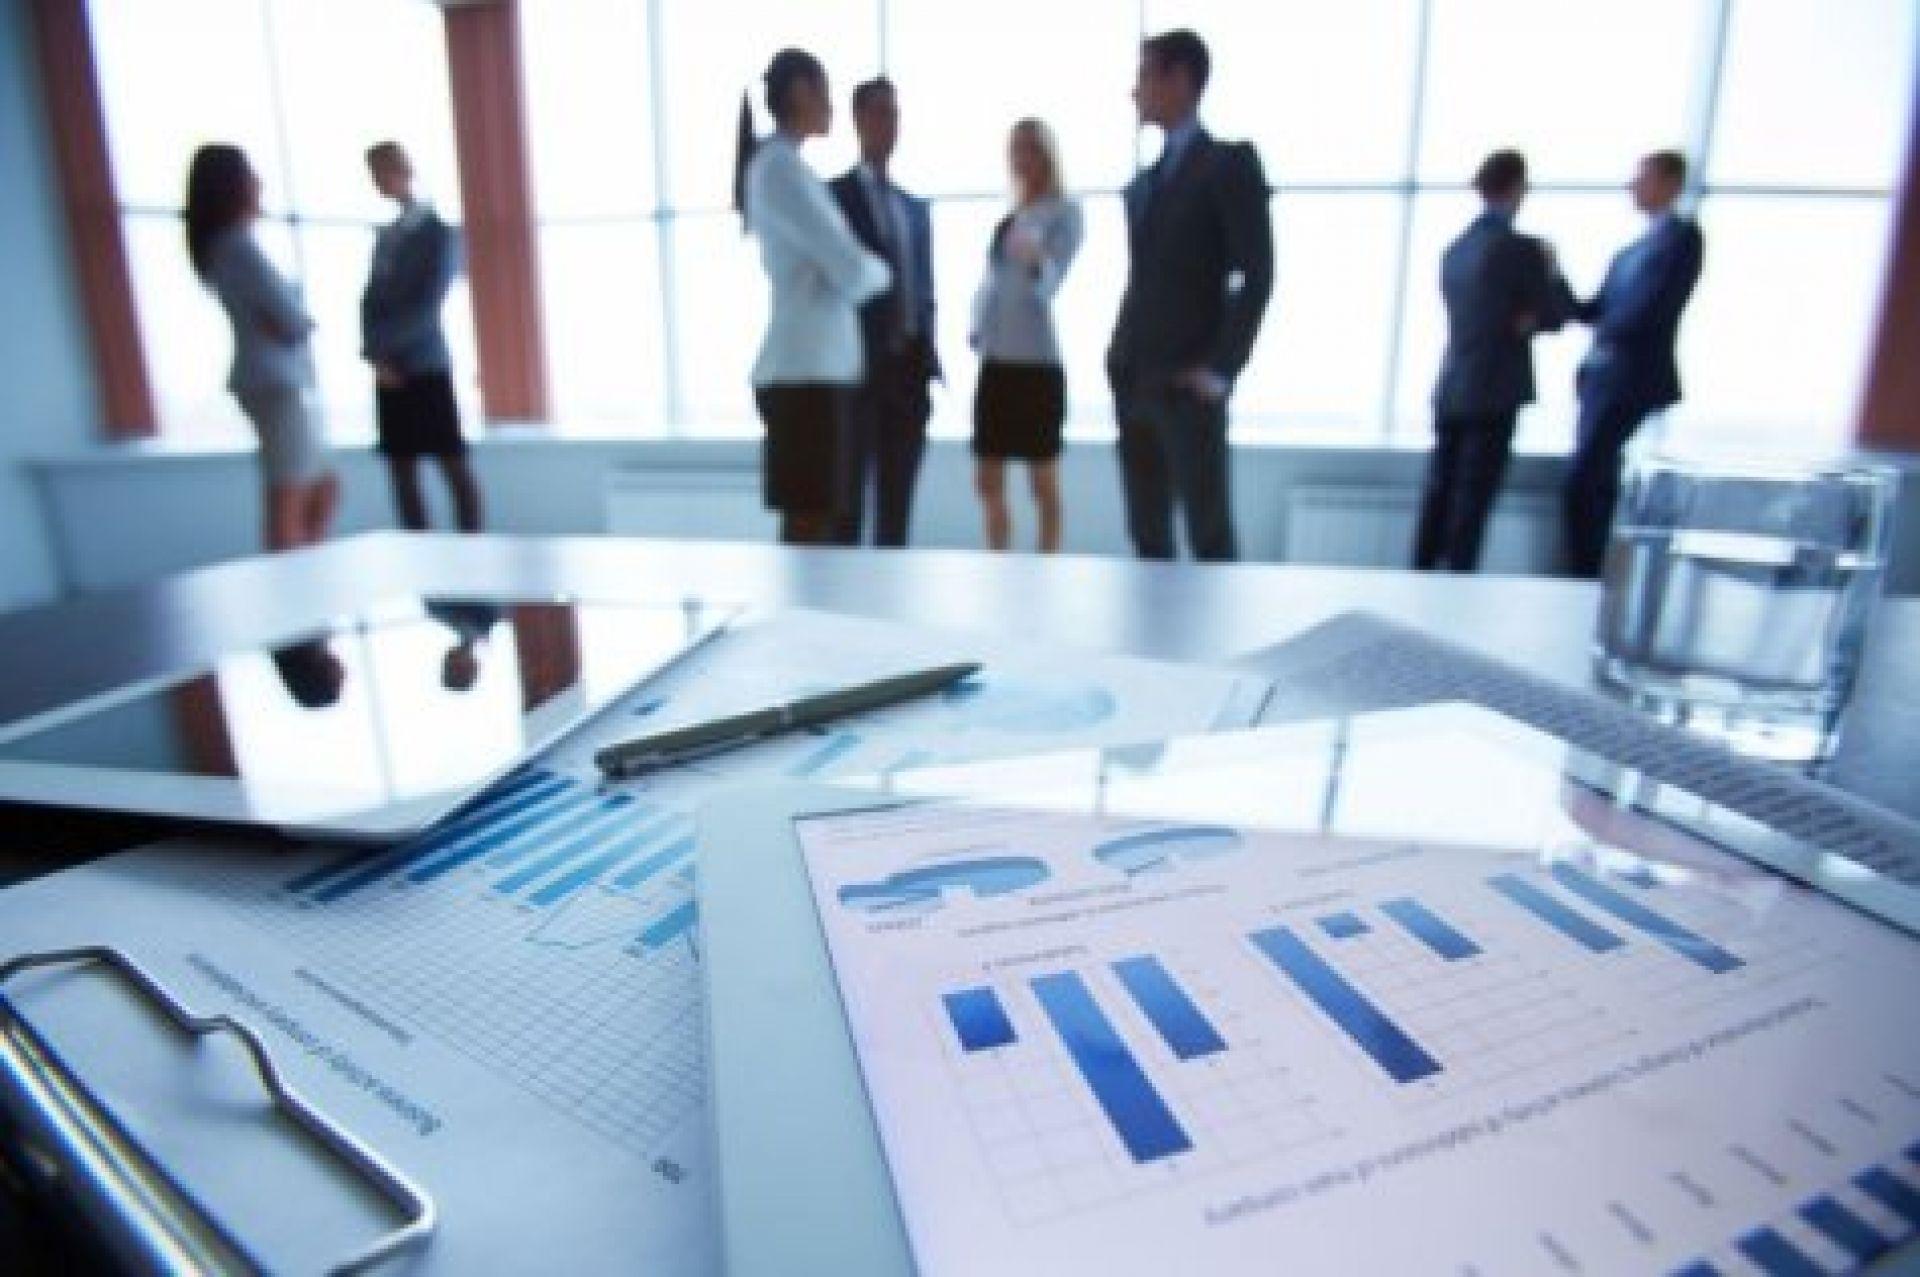 ZAPOŠLJAVANJE: Tvrtke u ZHŽ-u zapošljavaju oko 15 tisuća ljudi